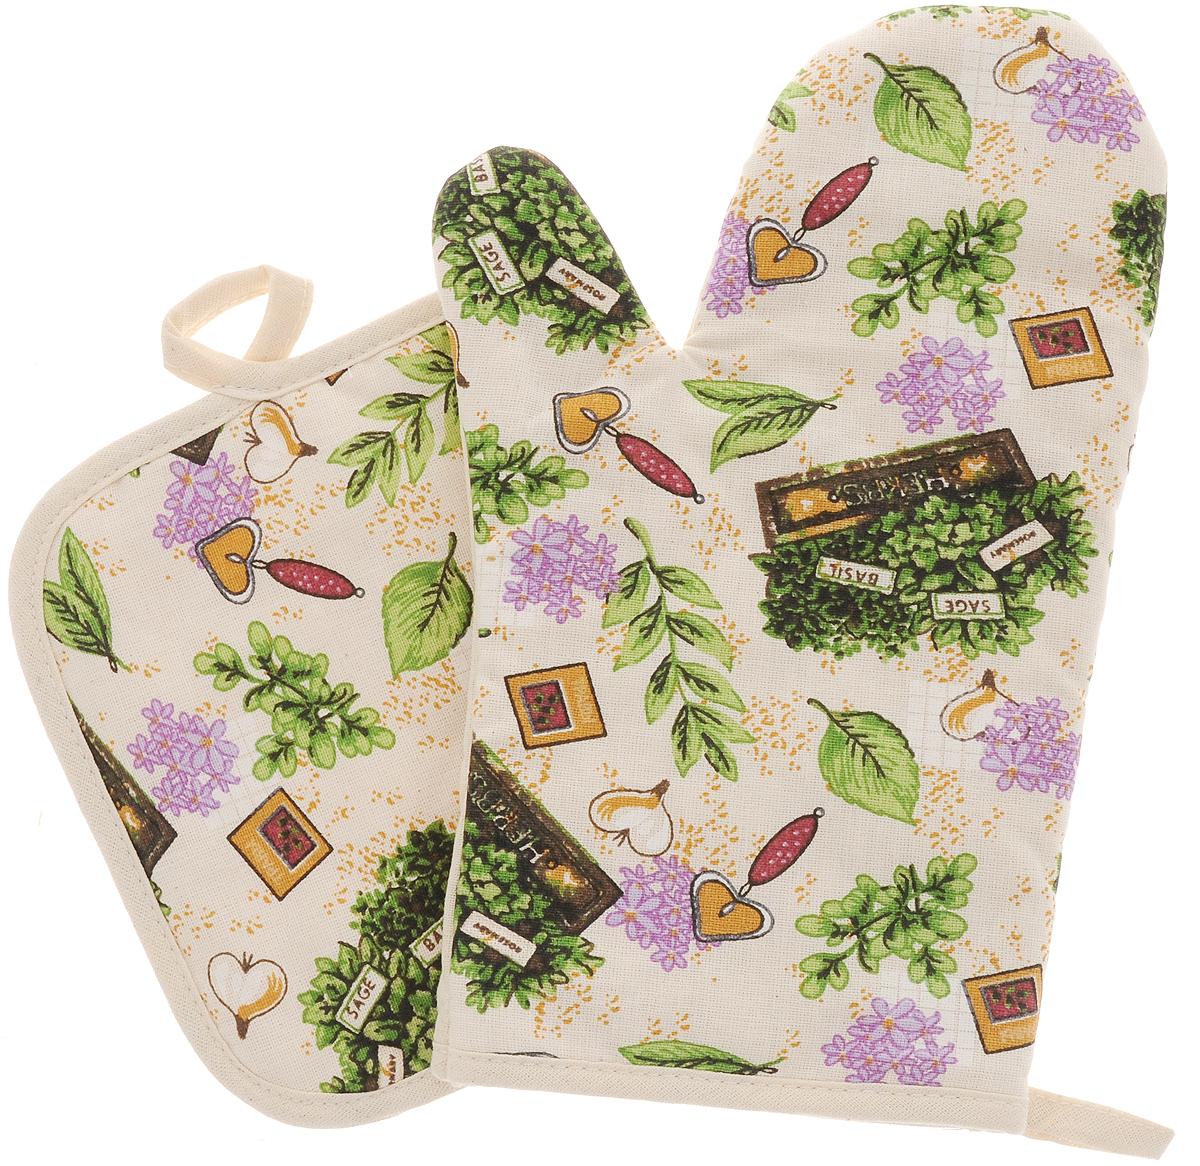 Набор прихваток Bonita Цветущие травы, 2 предмета1101812215Набор Bonita Цветущие травы состоит из прихватки-рукавицы и квадратной прихватки. Изделия выполнены из натурального хлопка и декорированы оригинальным рисунком. Прихватки простеганы, а края окантованы. Оснащены специальными петельками, за которые их можно подвесить на крючок в любом удобном для вас месте. Такой набор красиво дополнит интерьер кухни. Размер прихватки-рукавицы: 16 х 28 см.Размер прихватки: 17 х 17 см.